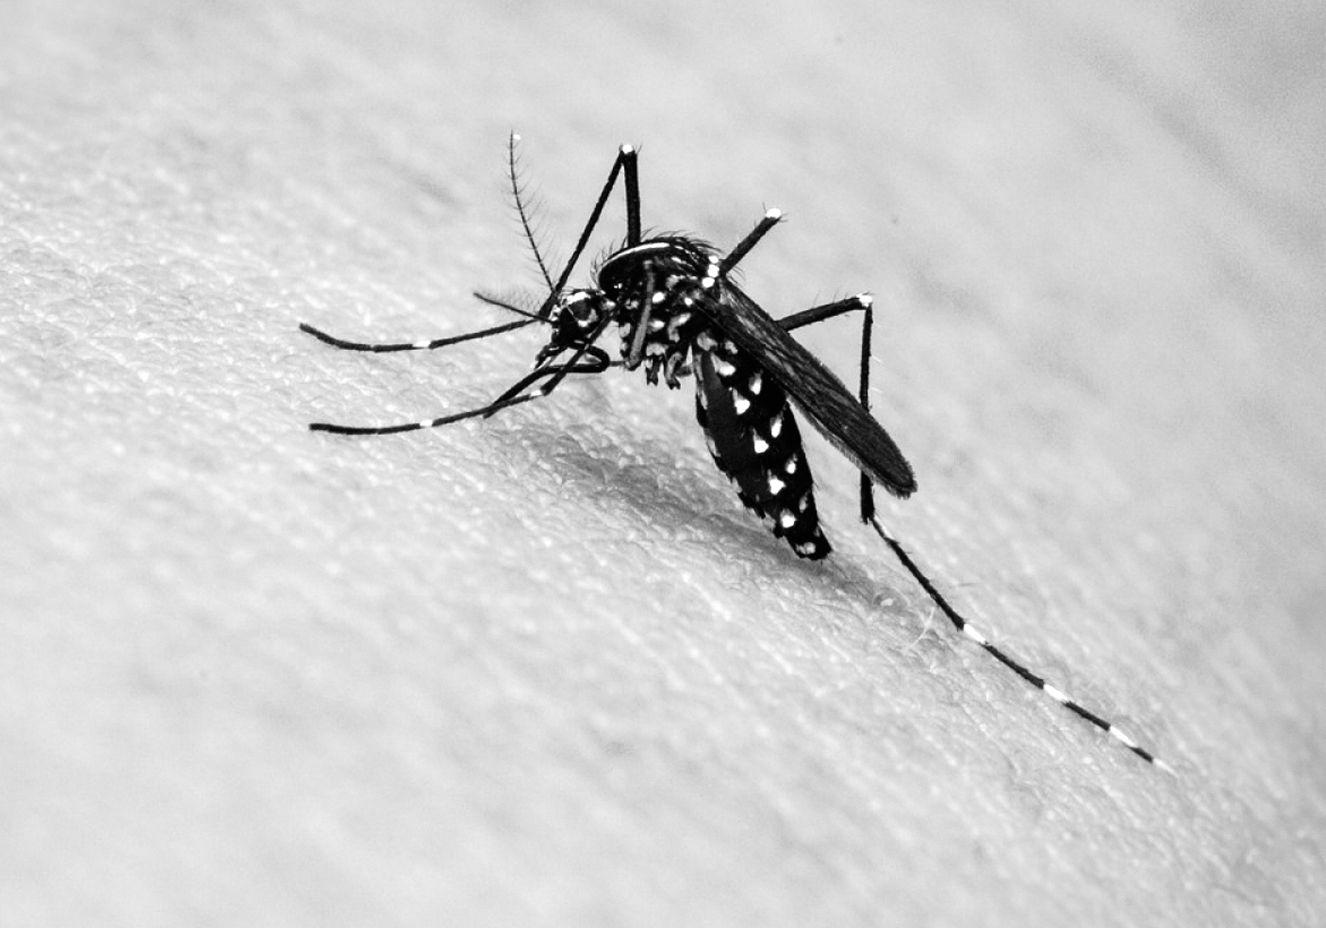 Exames para detectar zika passam a ter cobertura dos planos de saúde